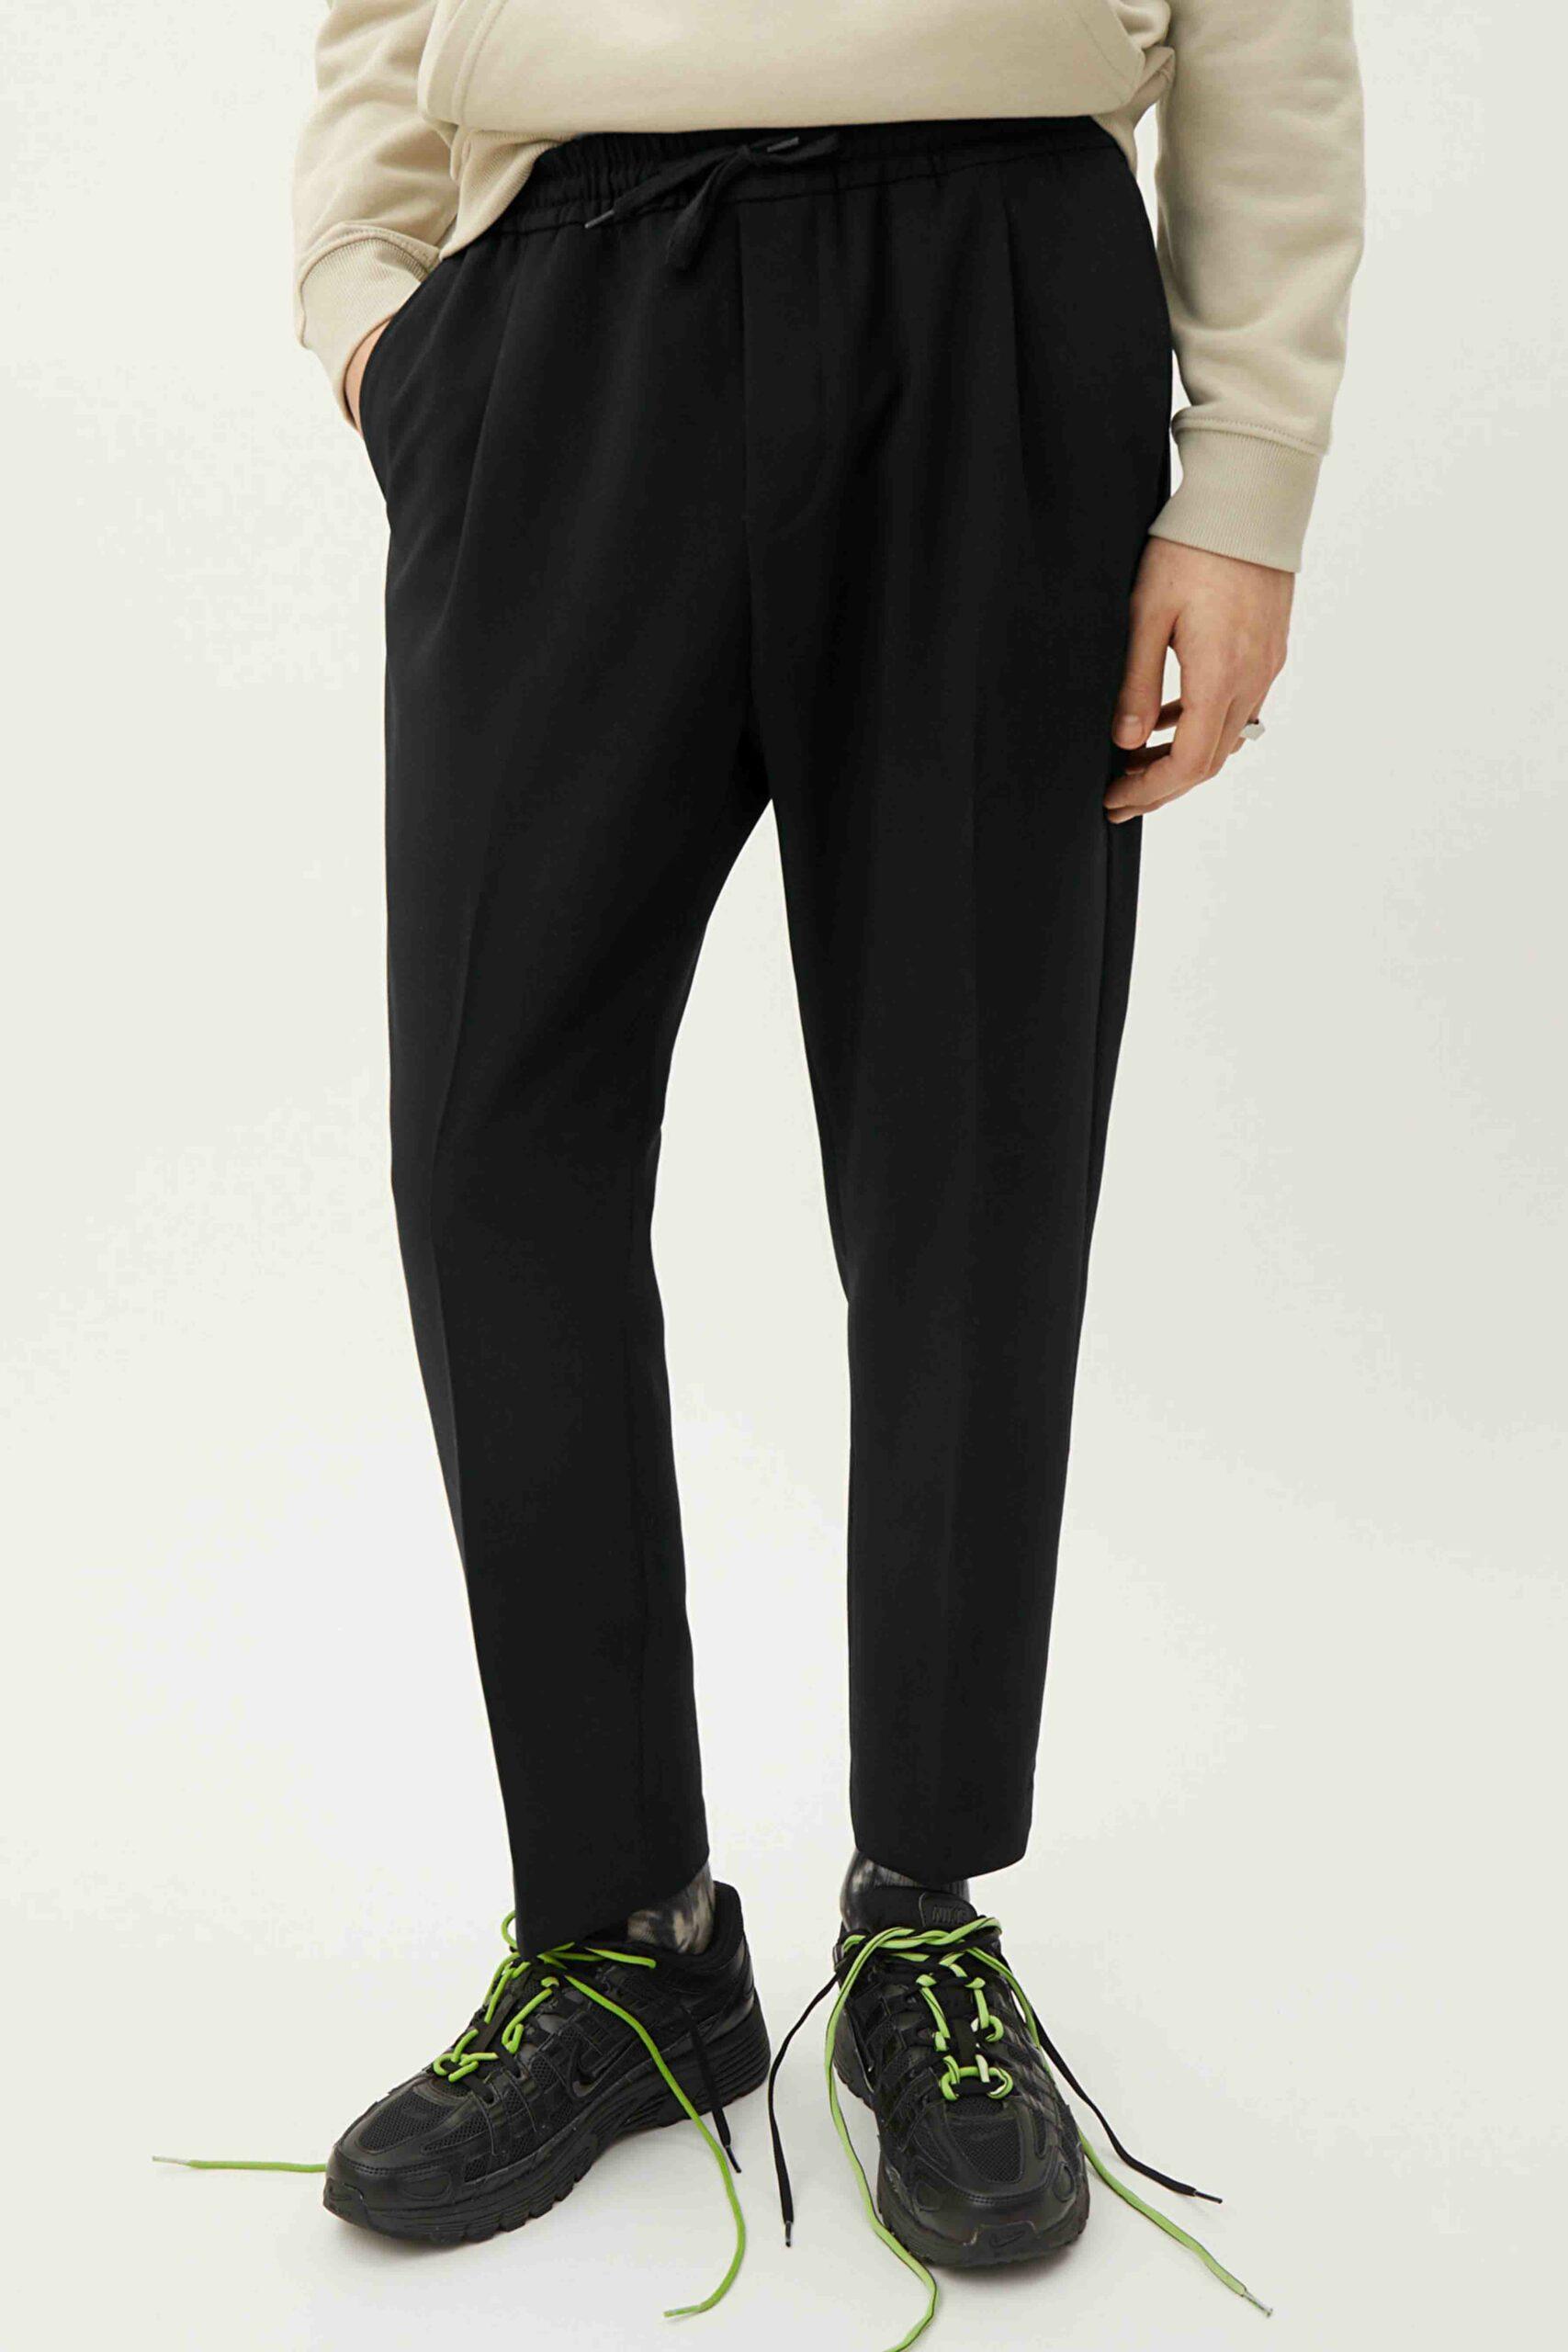 Bürotaugliche Jogginghose für Männer: So kreierst du einen stylischen Business-Look mit Sweatpants!